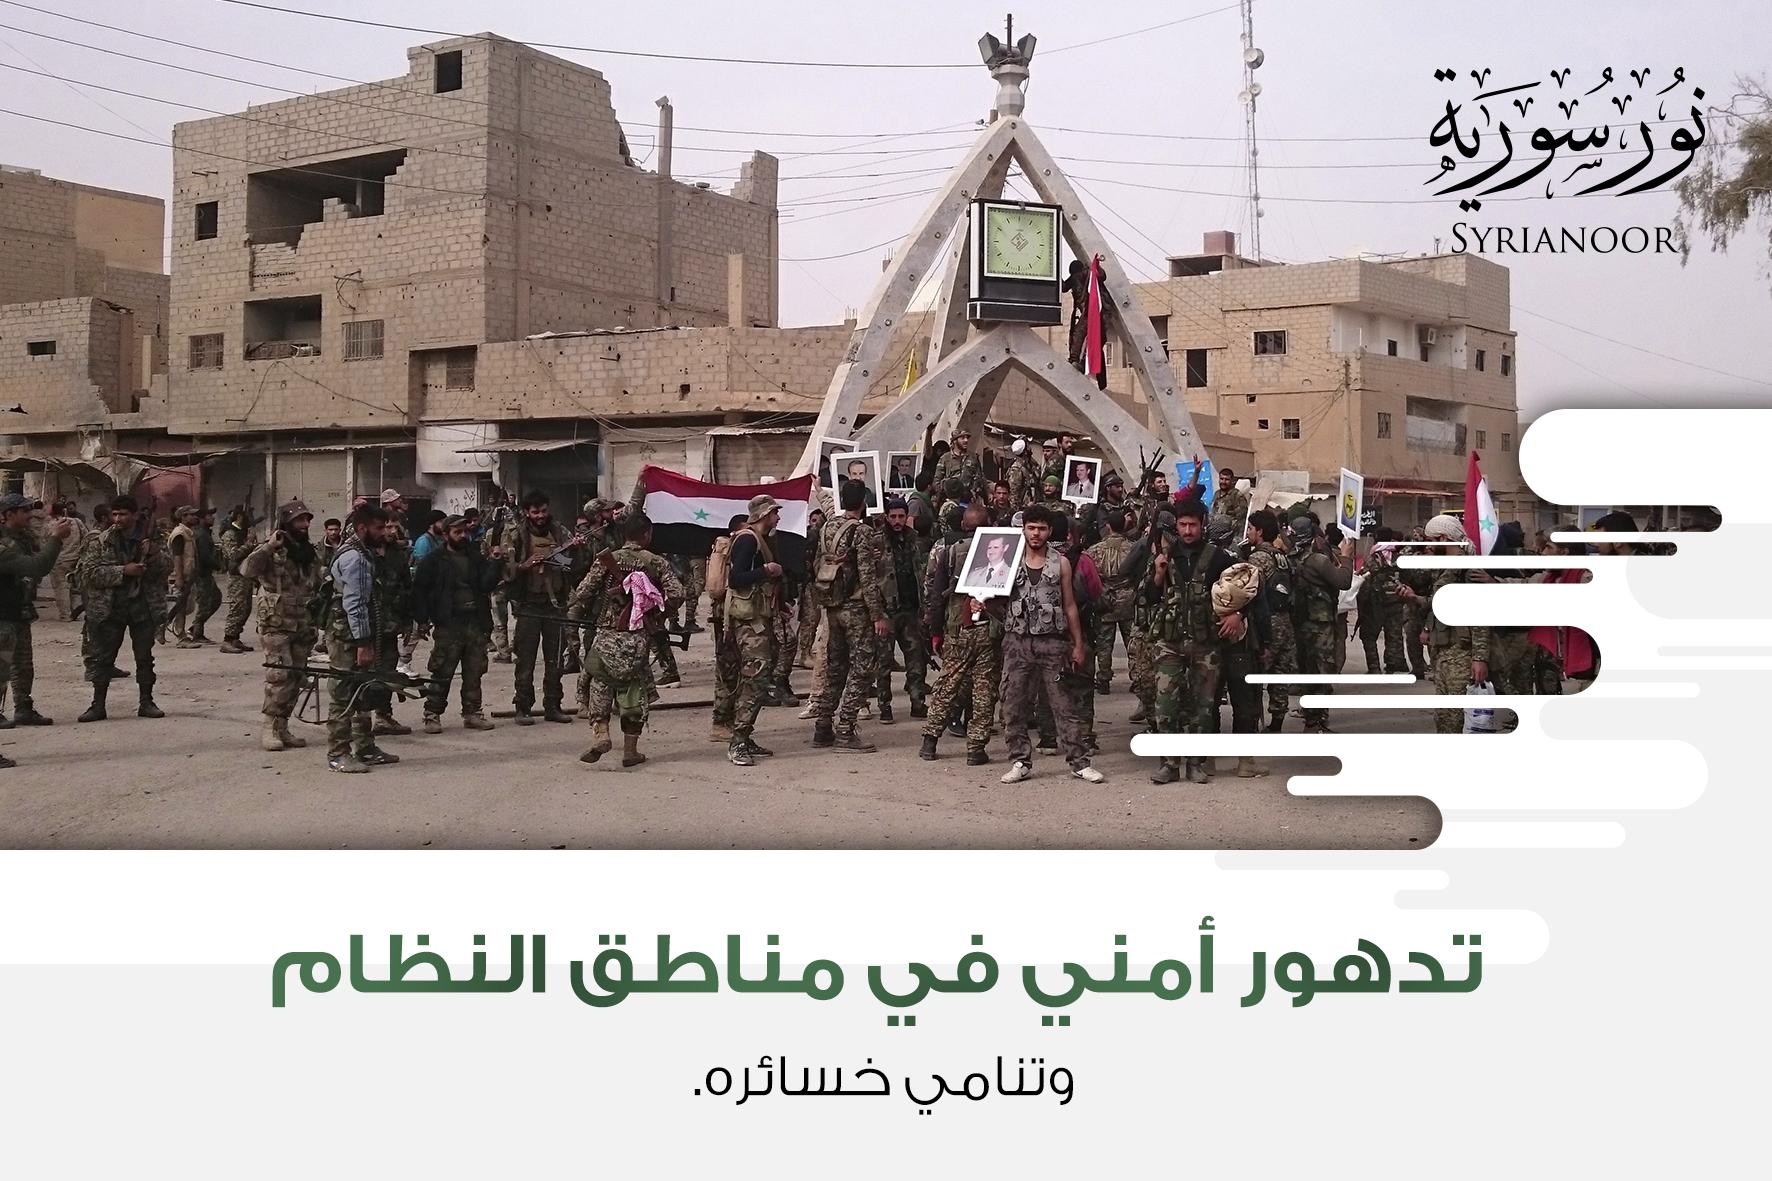 تدهور أمني في مناطق النظام وتنامي خسائره